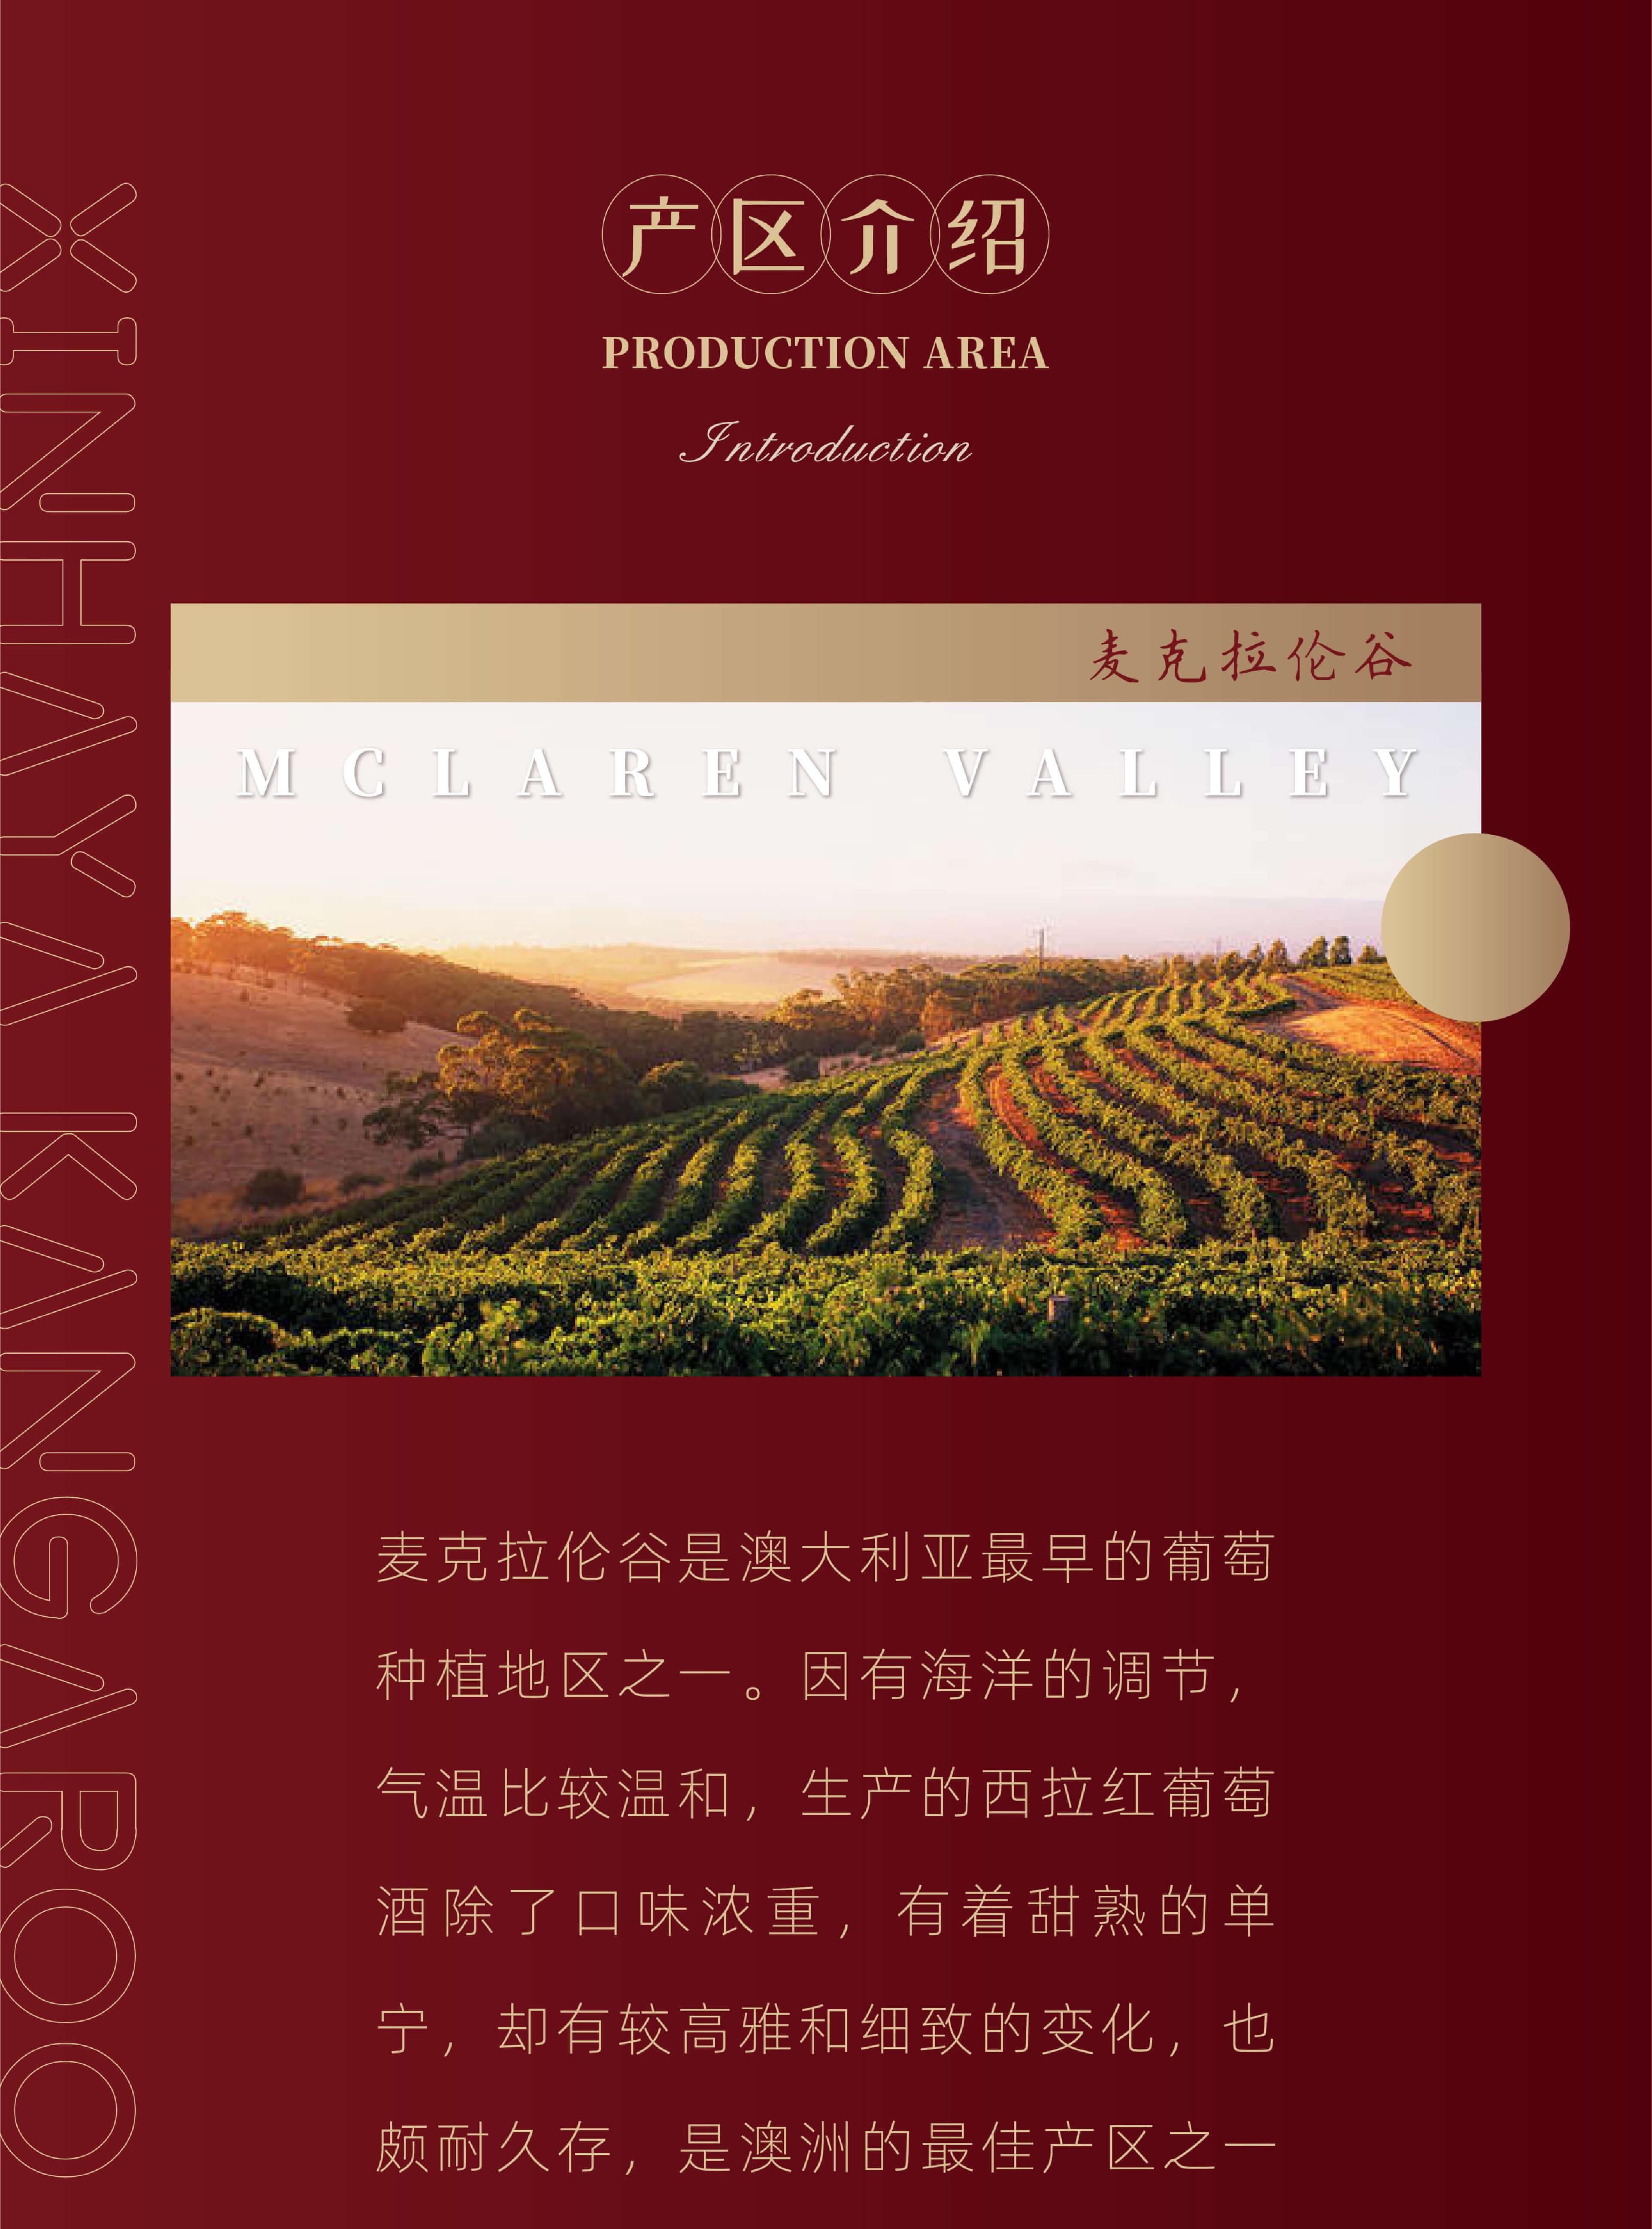 新涵养袋鼠绝色老藤.100葡萄酒